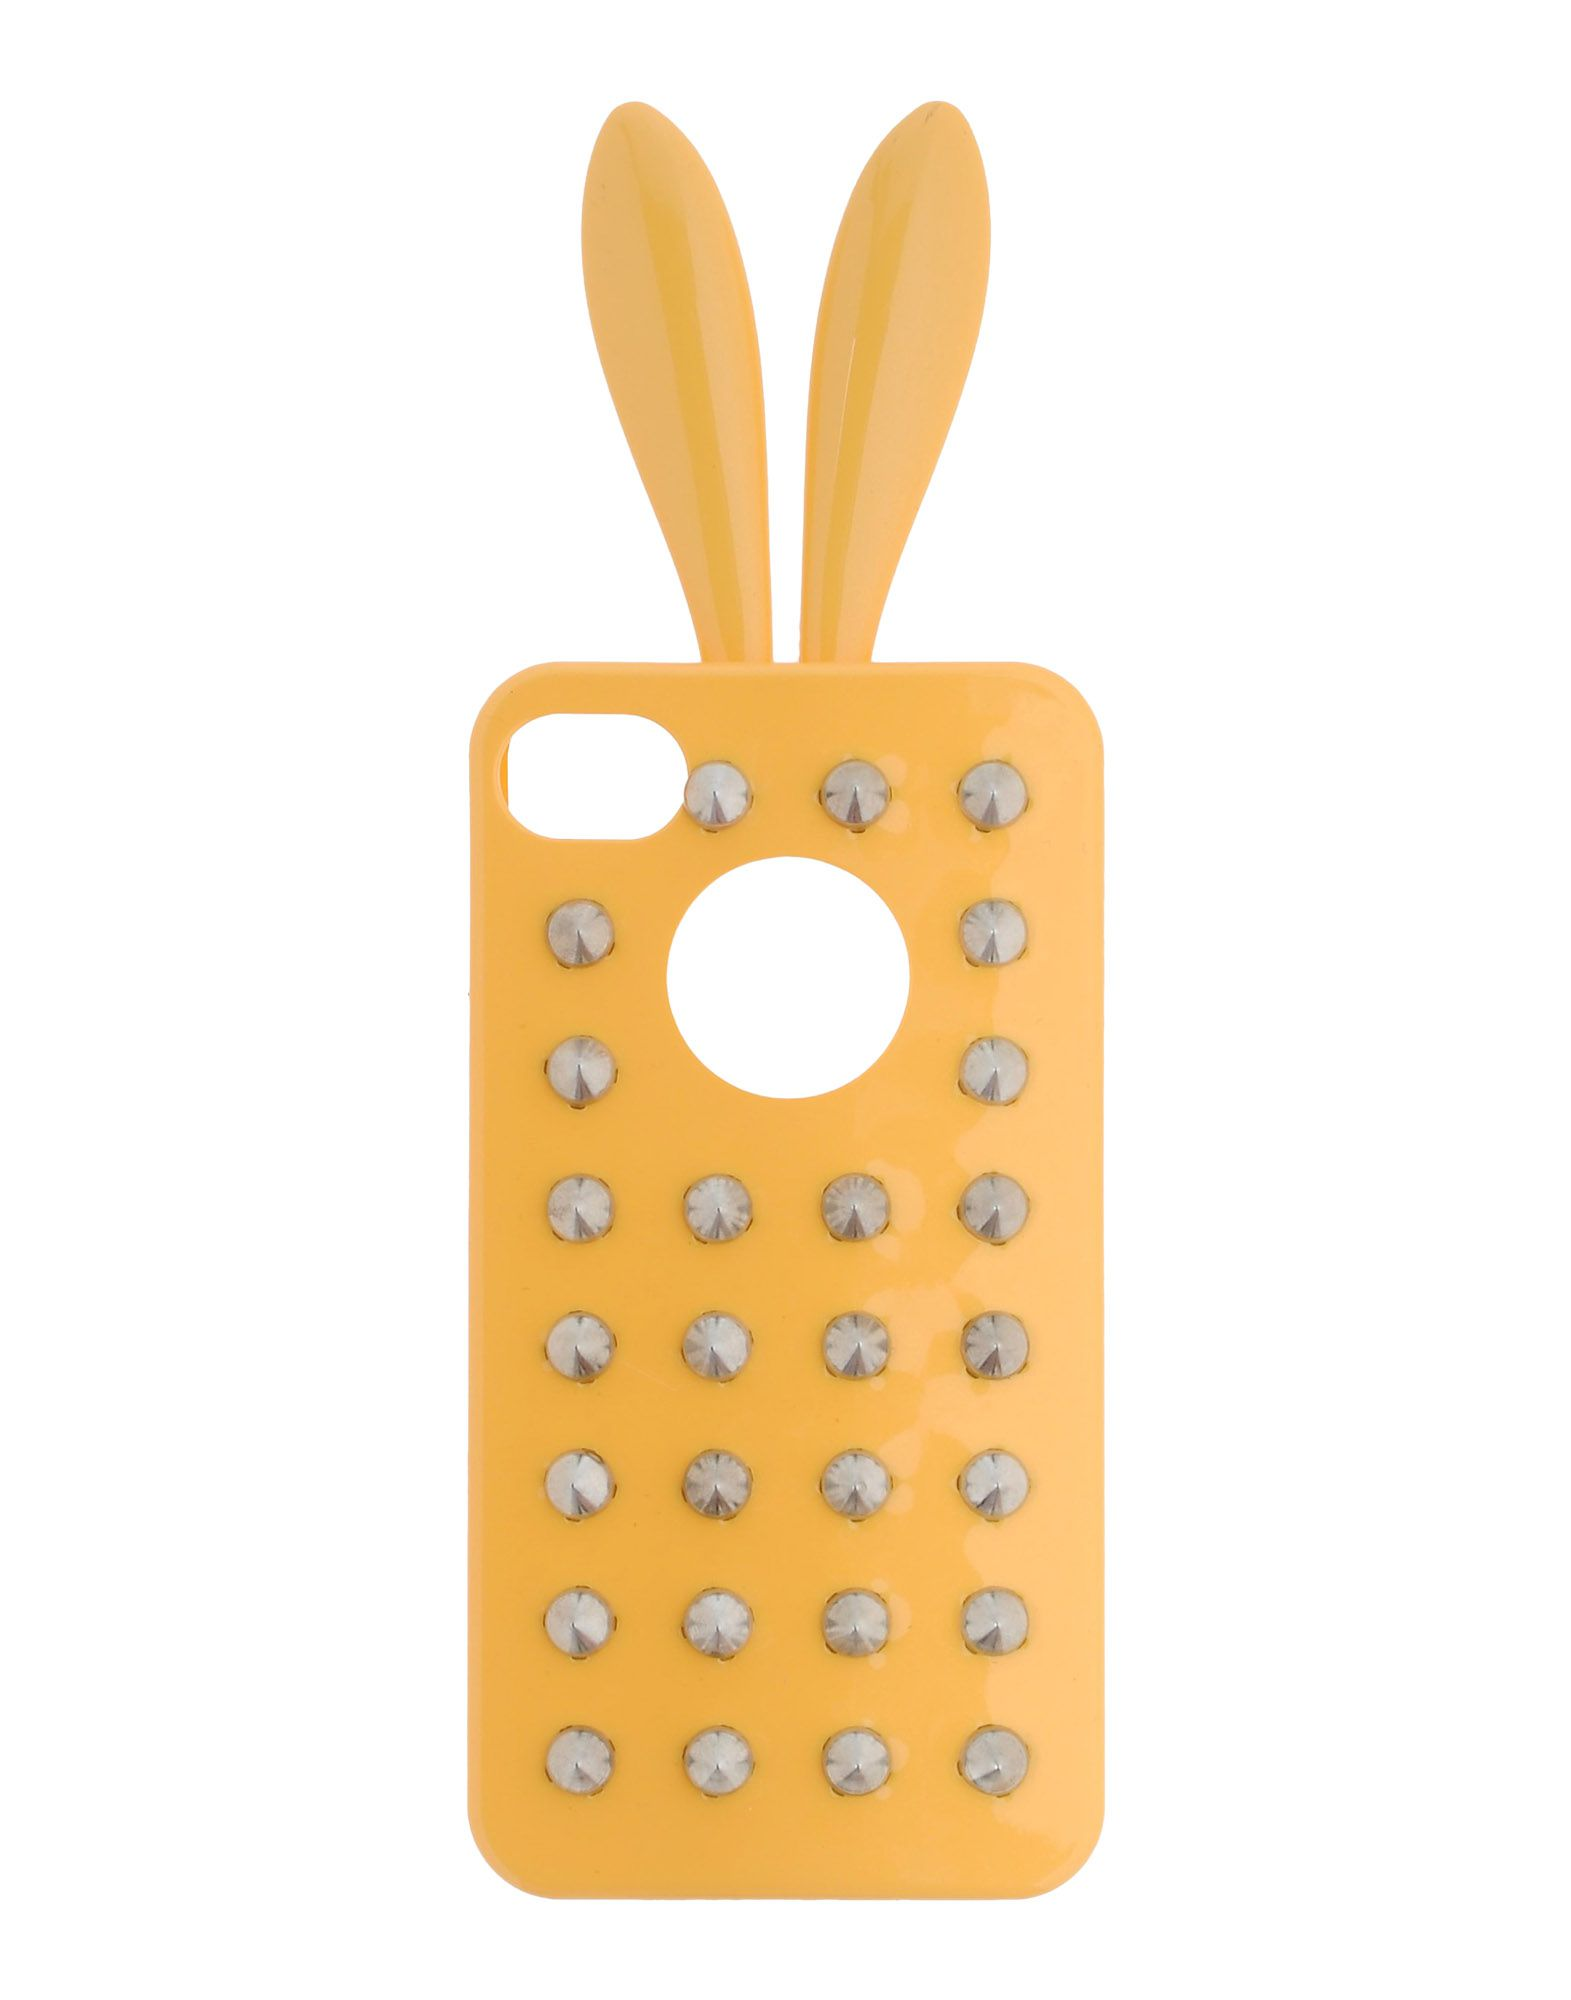 RABITO Hi-tech Accessories